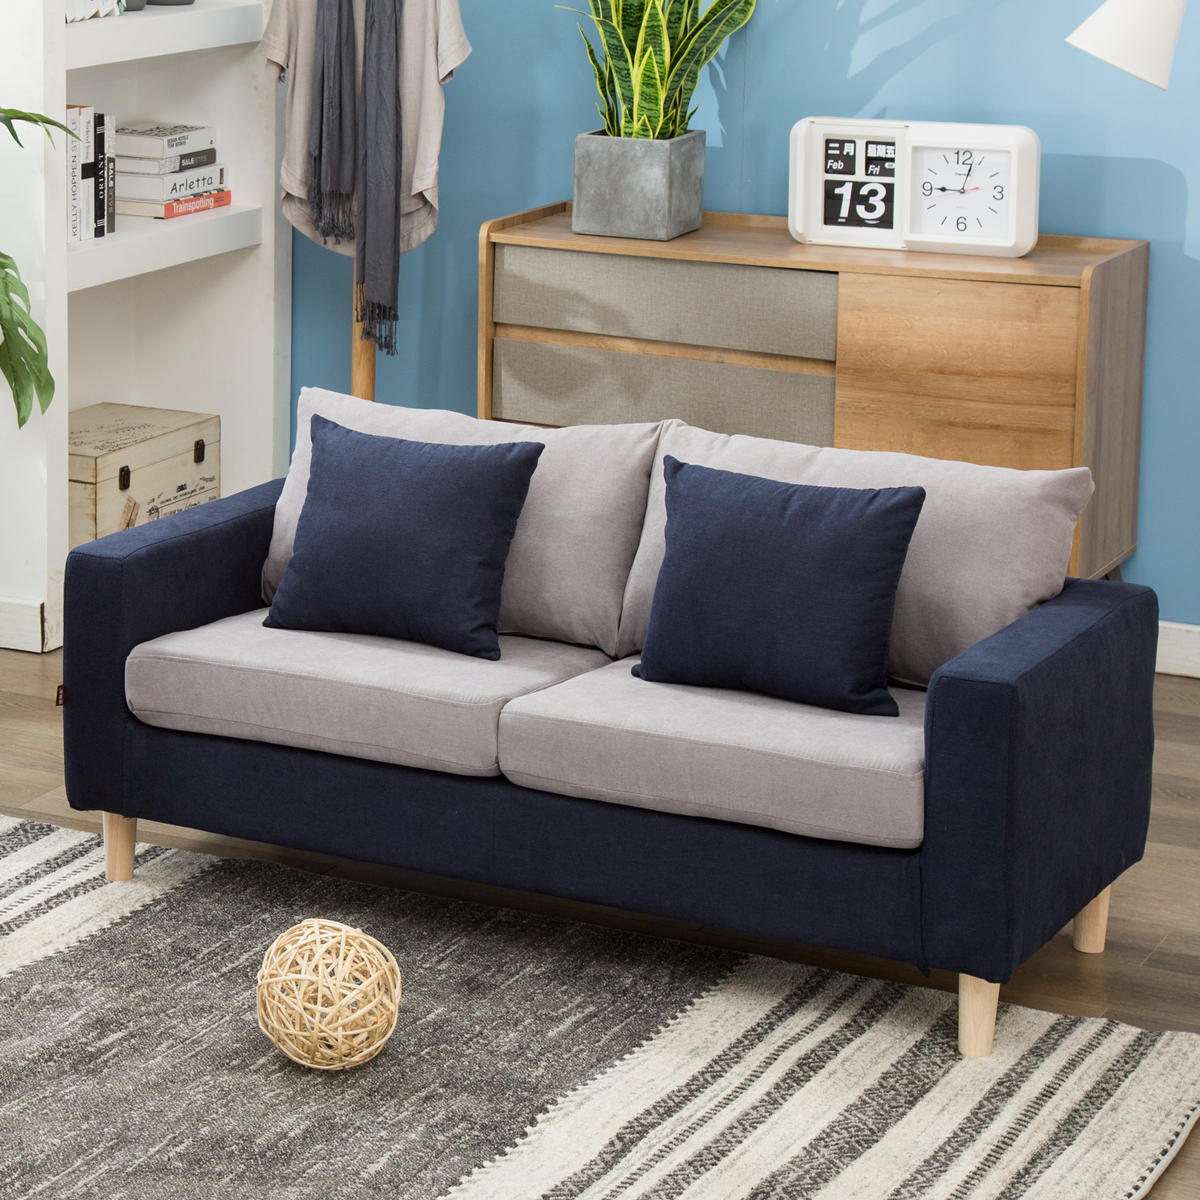 北欧简约小户型双人公寓卧室沙发239.00元包邮